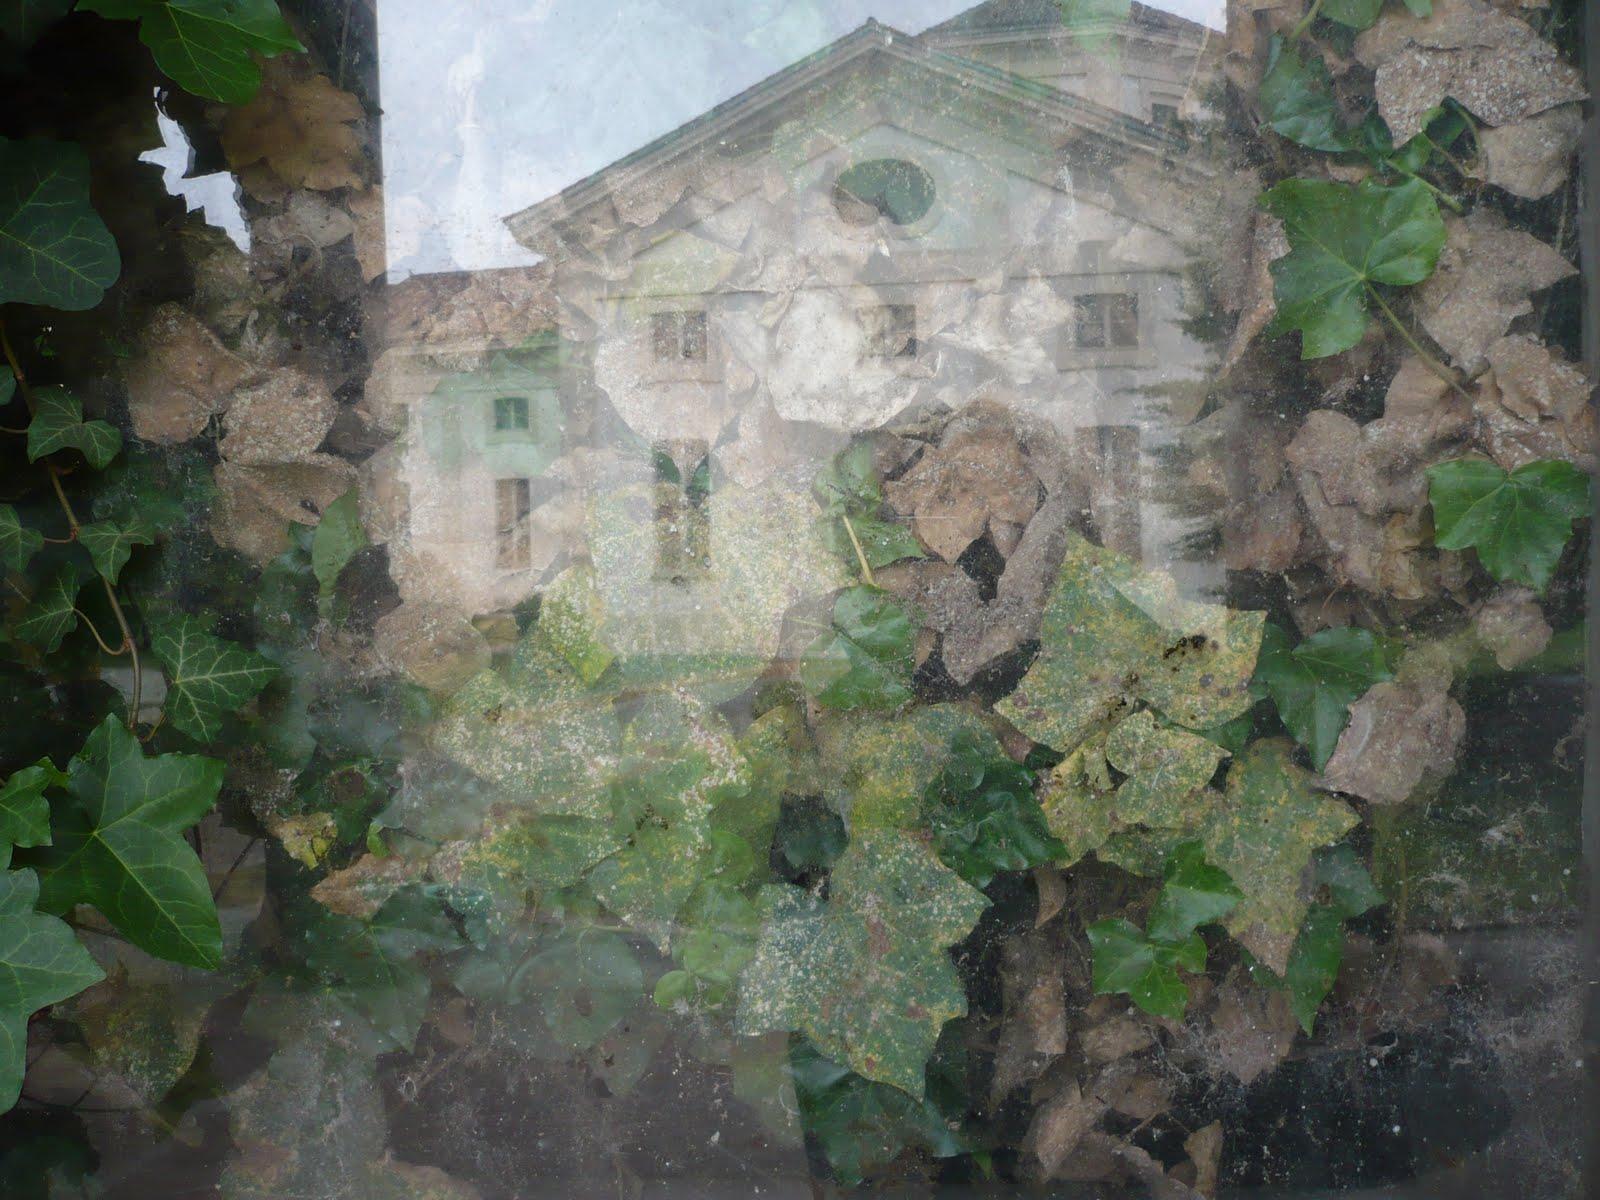 Montagna Legnami Alte Ceccato acquarius racconti liquidi con panna: 2010